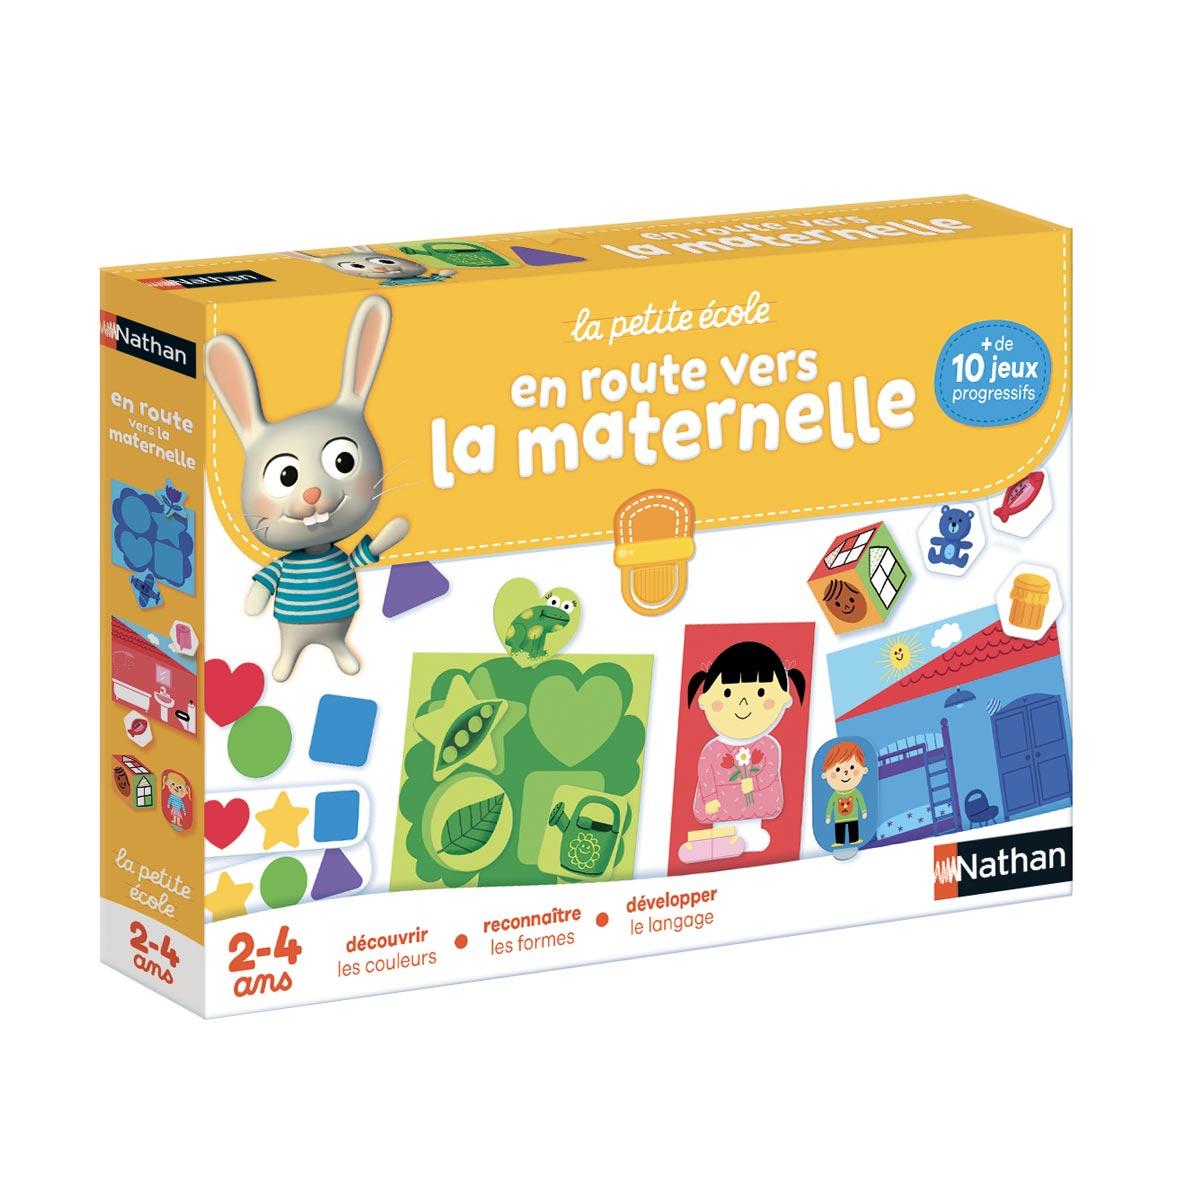 Coffret De Jeux En Route Vers La Maternelle dedans Jeux Educatif 2 Ans En Ligne Gratuit